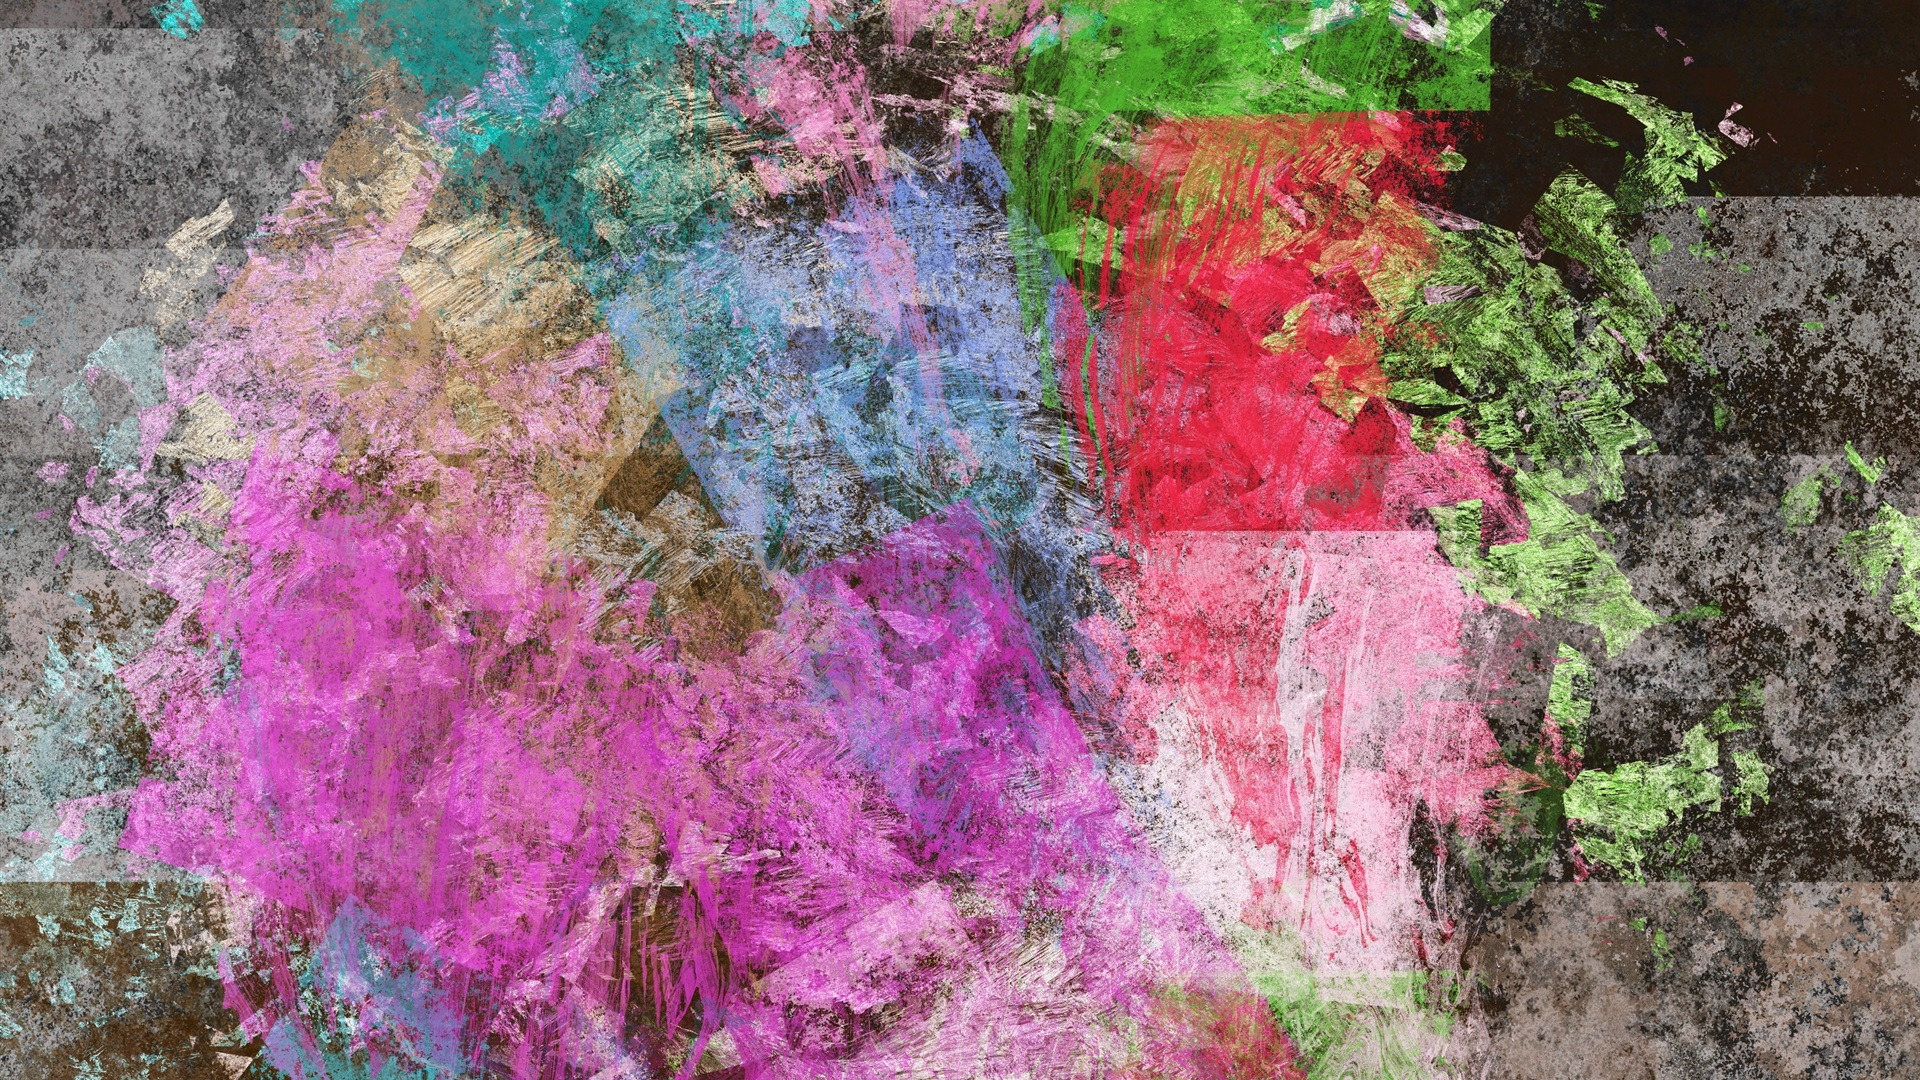 1920x1080 Abstracto Full Hd 1920x1080: Fondo Abstracto, Pintura, Colorido Fondos De Pantalla